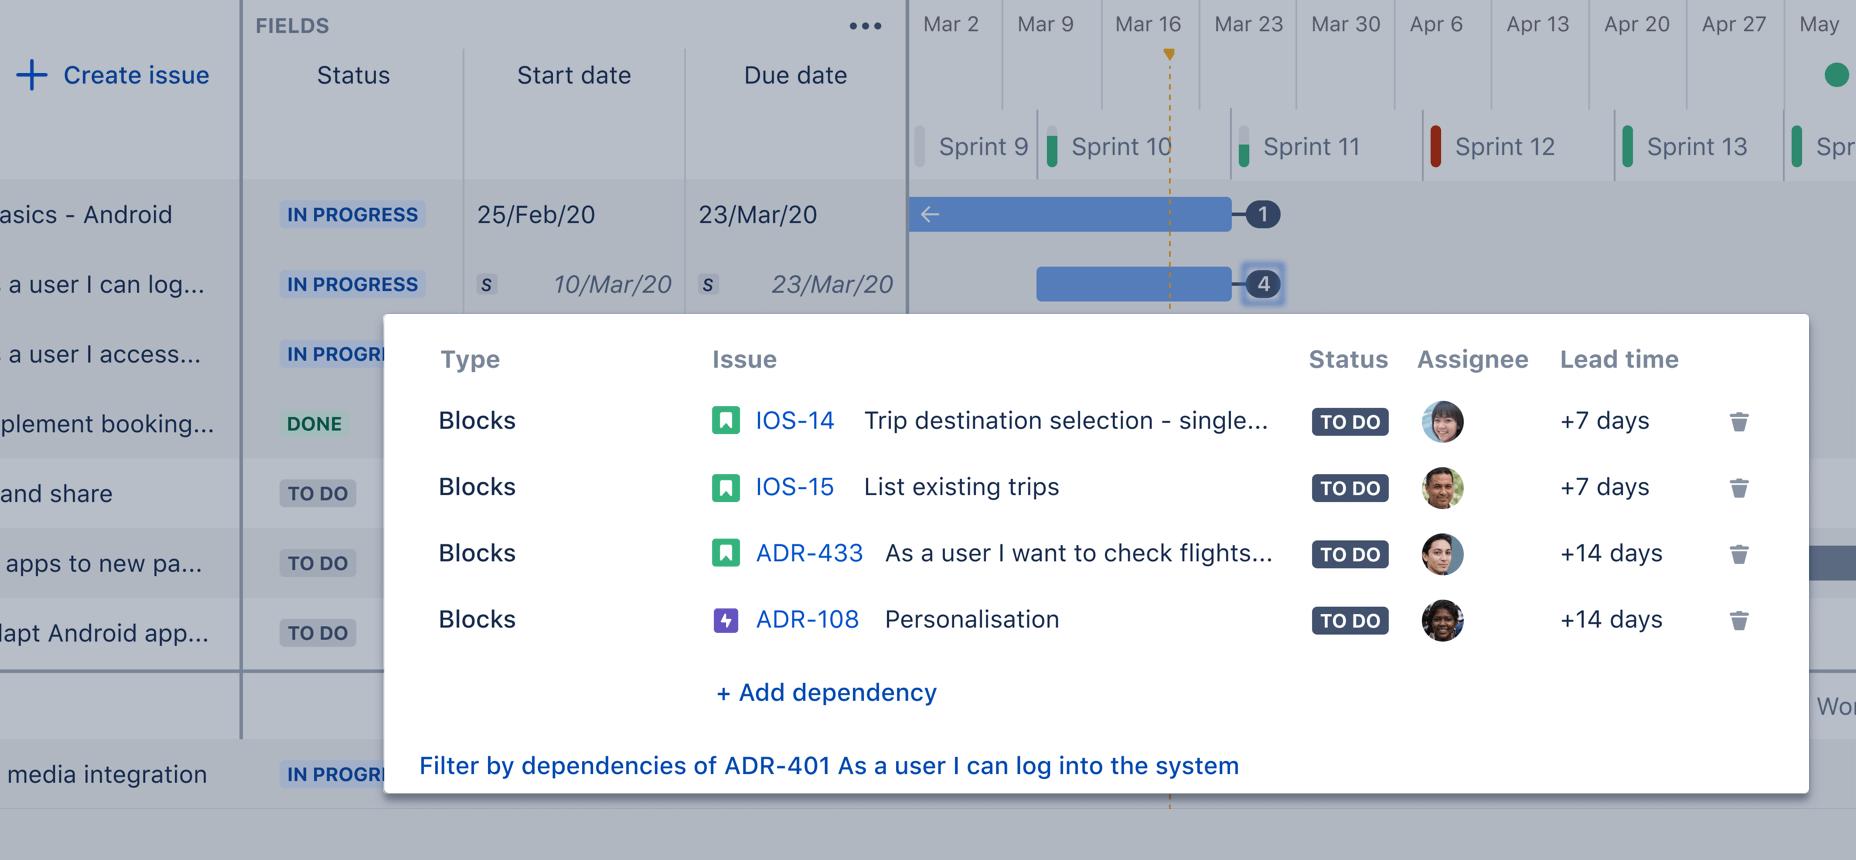 Captura de tela das dependências do roteiro avançado